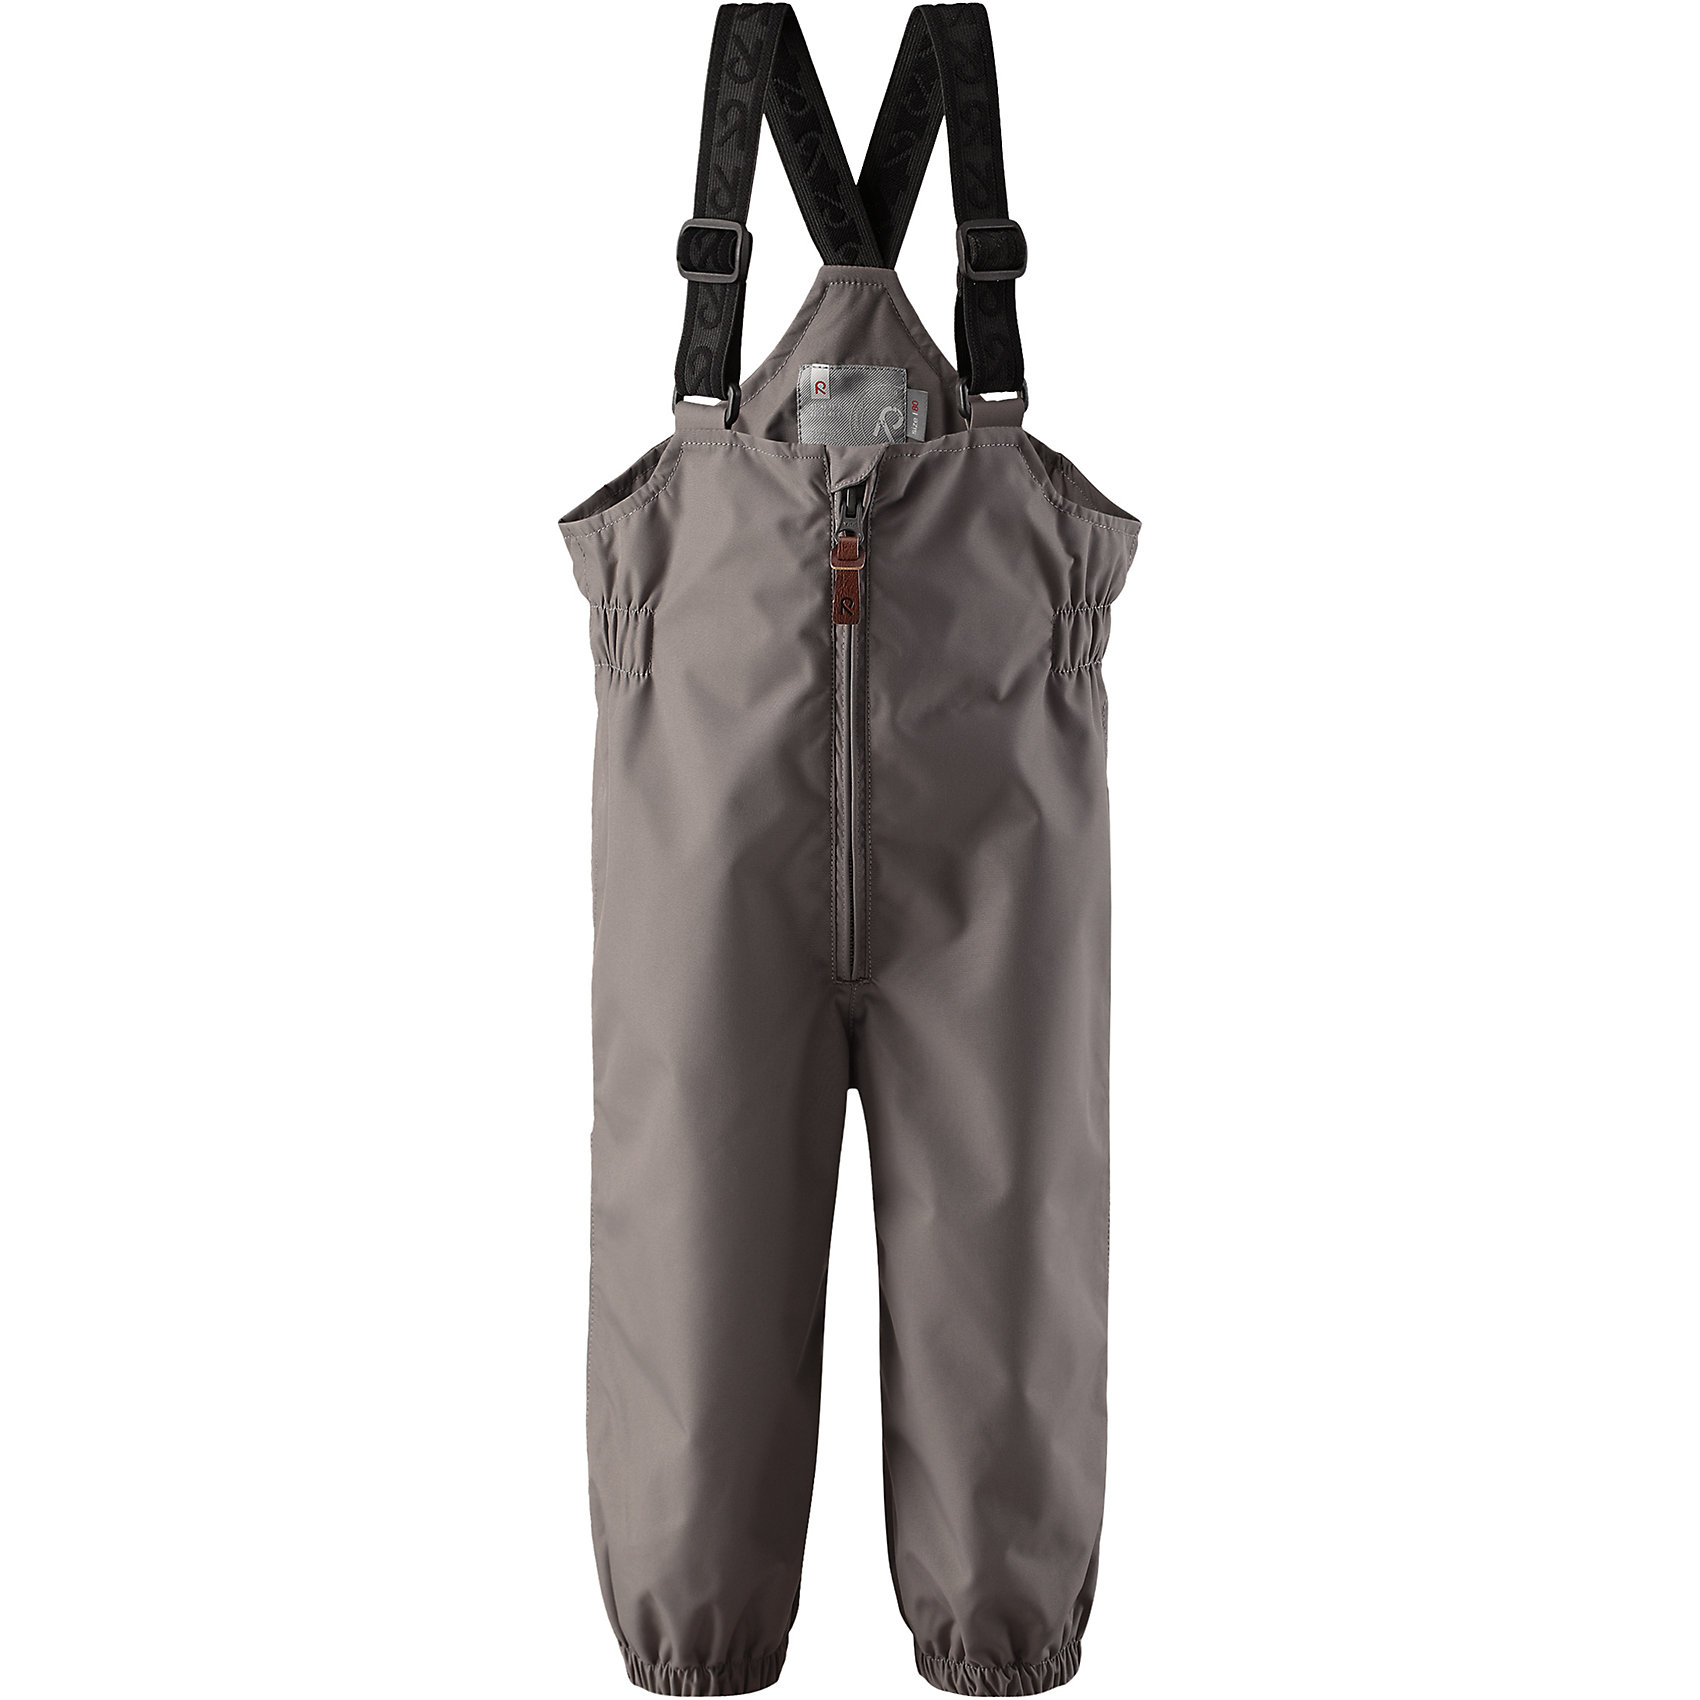 Брюки Erft Reimatec® ReimaВерхняя одежда<br>Характеристики товара:<br><br>• цвет: серый<br>• состав: 100% полиэстер, полиуретановое покрытие<br>• температурный режим: от +5°до +15°С<br>• водонепроницаемость: 8000 мм<br>• воздухопроницаемость: 5000 мм<br>• износостойкость: 30000 циклов (тест Мартиндейла)<br>• без утеплителя<br>• основые швы проклеены, водонепроницаемы<br>• водоотталкивающий, ветронепроницаемый, дышащий и водонепроницаемый материал<br>• гладкая подкладка из полиэстера<br>• высокая талия с регулируемыми подтяжками<br>• эластичные манжеты на брючинах<br>• эластичные съёмные штрипки<br>• комфортная посадка<br>• ширинка на молнии<br>• светоотражающие детали<br>• страна производства: Китай<br>• страна бренда: Финляндия<br>• коллекция: весна-лето 2017<br><br>Демисезонные брюки помогут обеспечить ребенку комфорт и тепло. Они отлично смотрятся с различным верхом. Изделие удобно сидит и модно выглядит. Материал отлично подходит для дождливой погоды. Стильный дизайн разрабатывался специально для детей.<br><br>Обувь и одежда от финского бренда Reima пользуются популярностью во многих странах. Они стильные, качественные и удобные. Для производства продукции используются только безопасные, проверенные материалы и фурнитура.<br><br>Брюки Reimatec® от финского бренда Reima (Рейма) можно купить в нашем интернет-магазине.<br><br>Ширина мм: 215<br>Глубина мм: 88<br>Высота мм: 191<br>Вес г: 336<br>Цвет: серый<br>Возраст от месяцев: 12<br>Возраст до месяцев: 18<br>Пол: Унисекс<br>Возраст: Детский<br>Размер: 86,98,74,92,80<br>SKU: 5265472